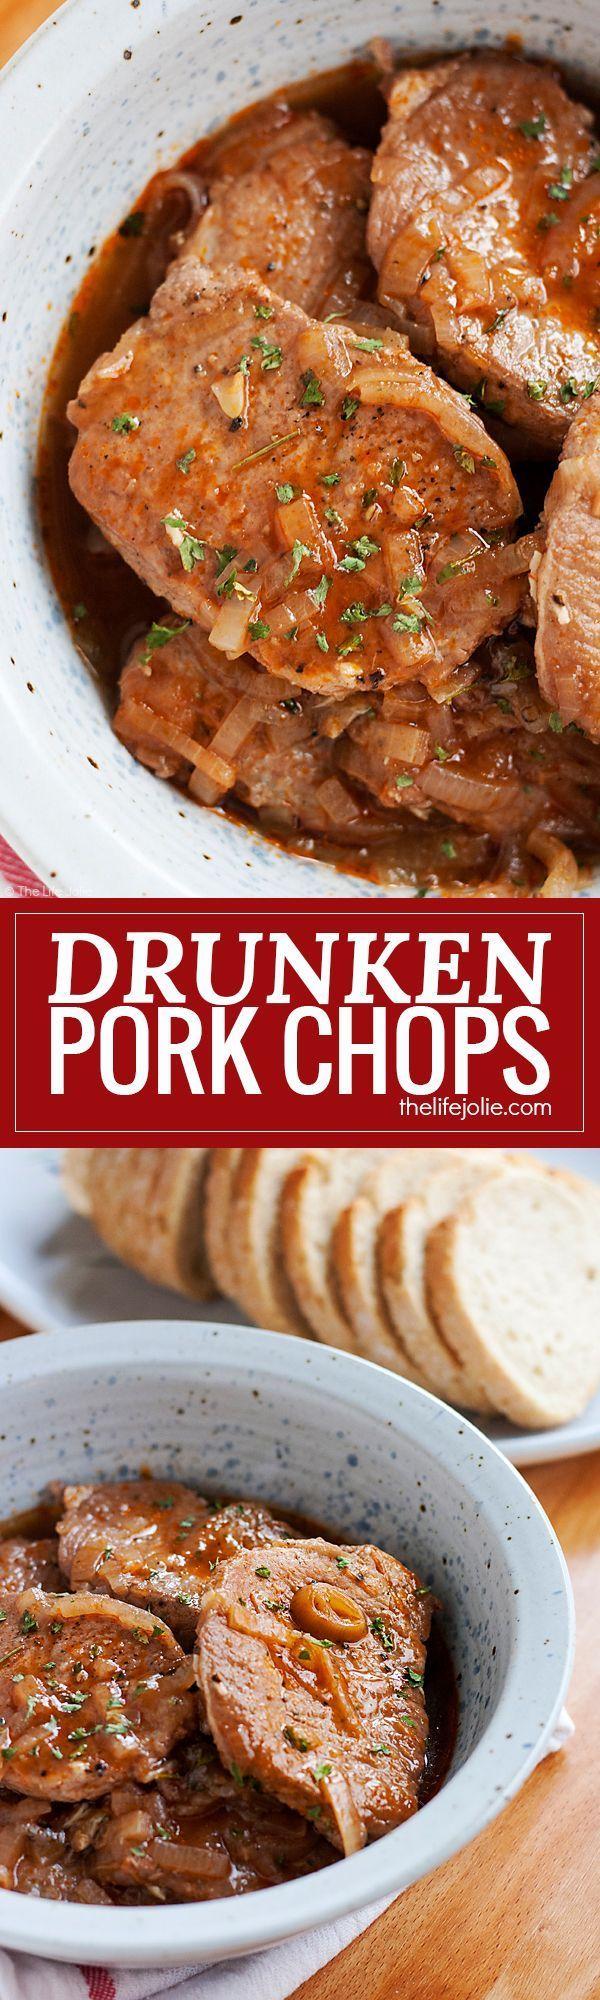 Photo of Drunken Stove Top Pork Chops